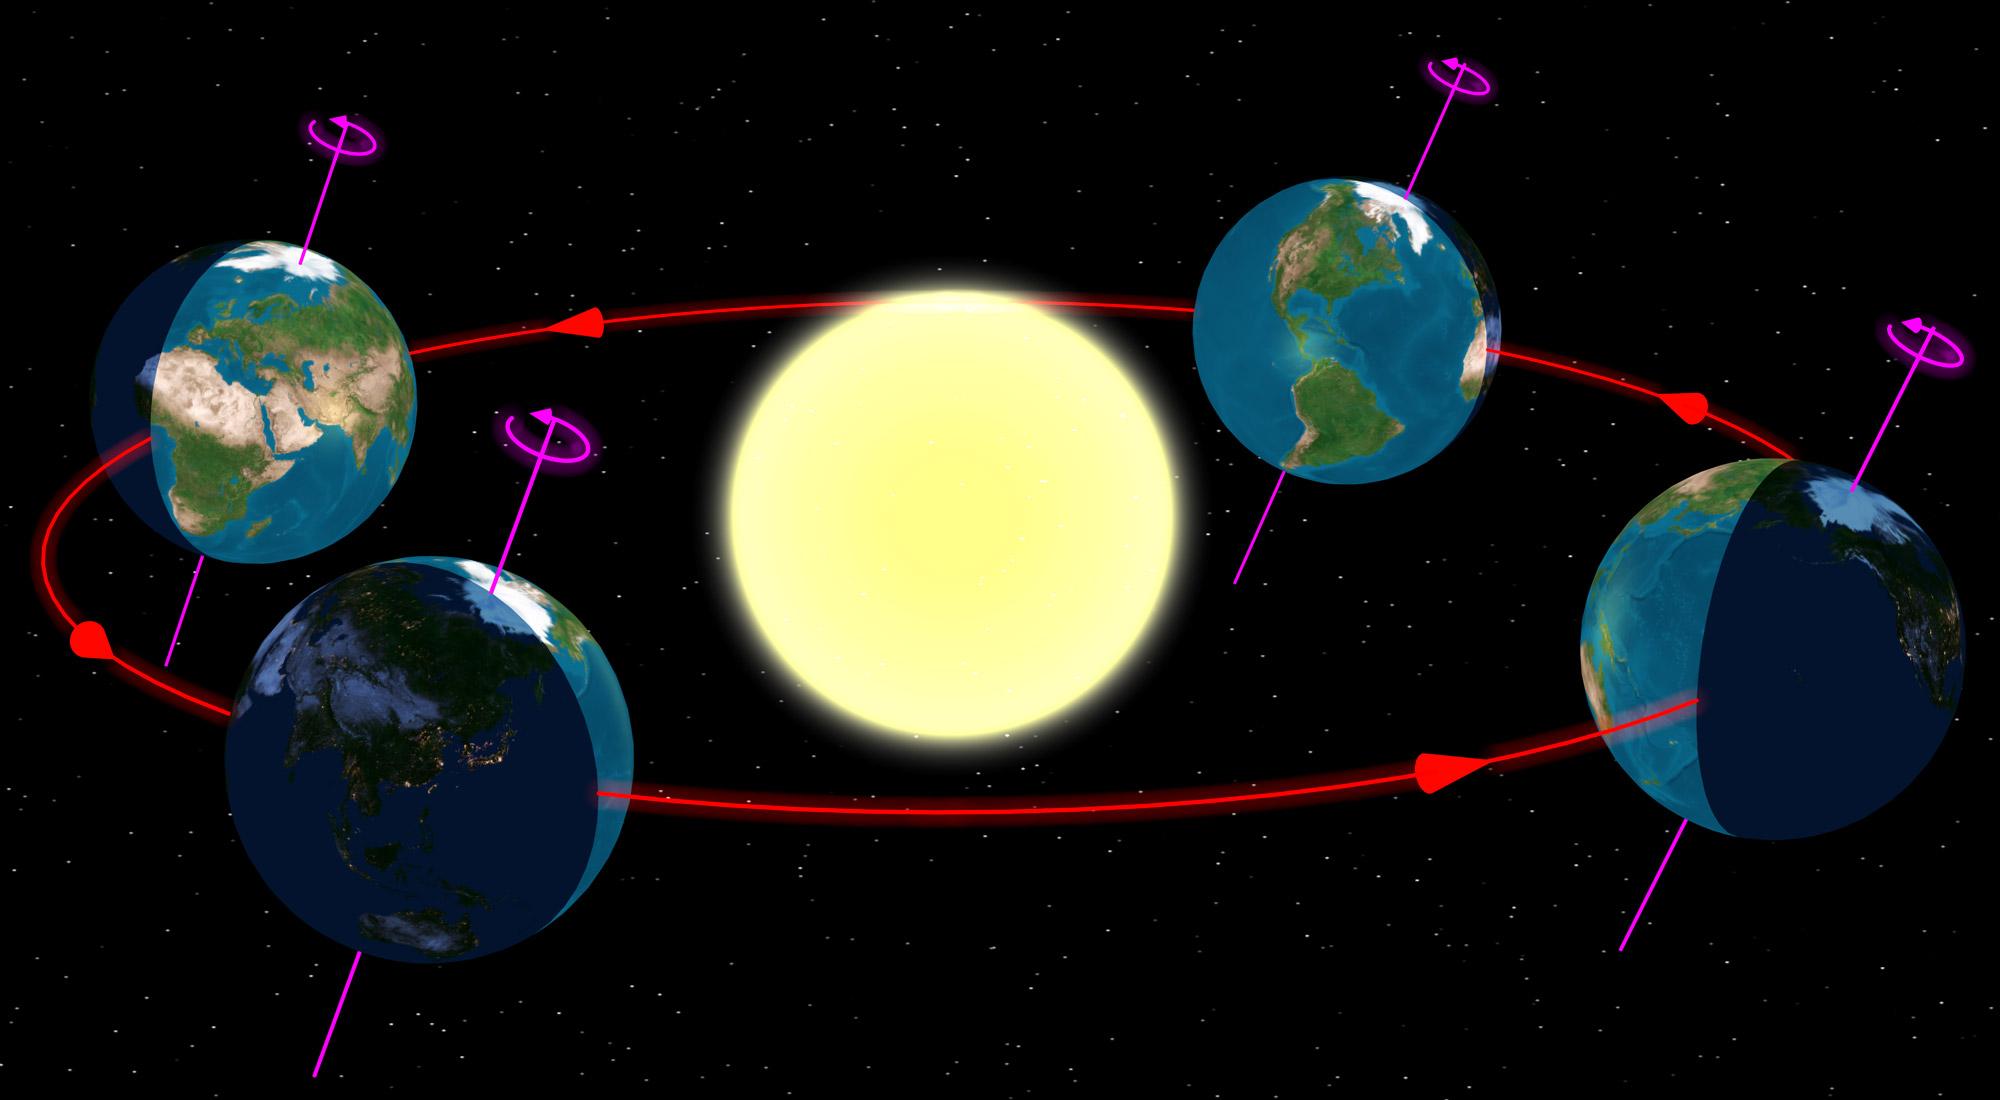 solstice_8715269121_52df743ddc_o